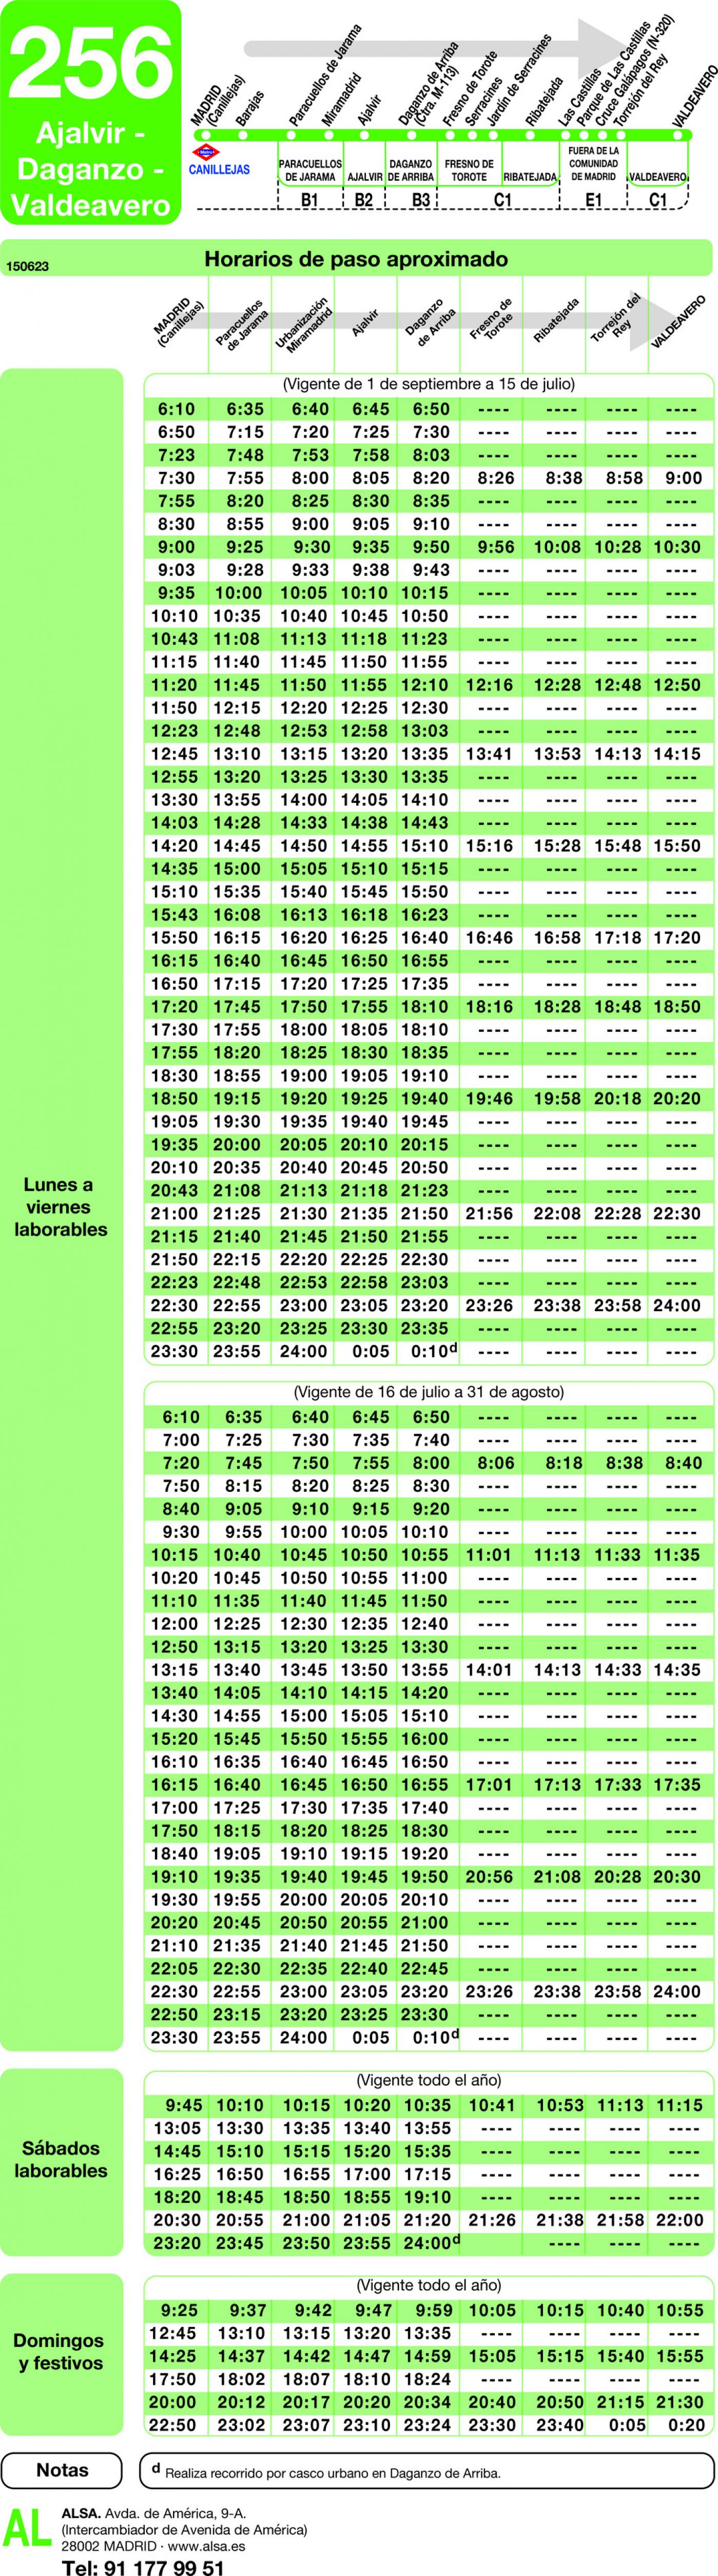 Tabla de horarios y frecuencias de paso en sentido ida Línea 256: Madrid (Barajas) - Daganzo - Valdeavero